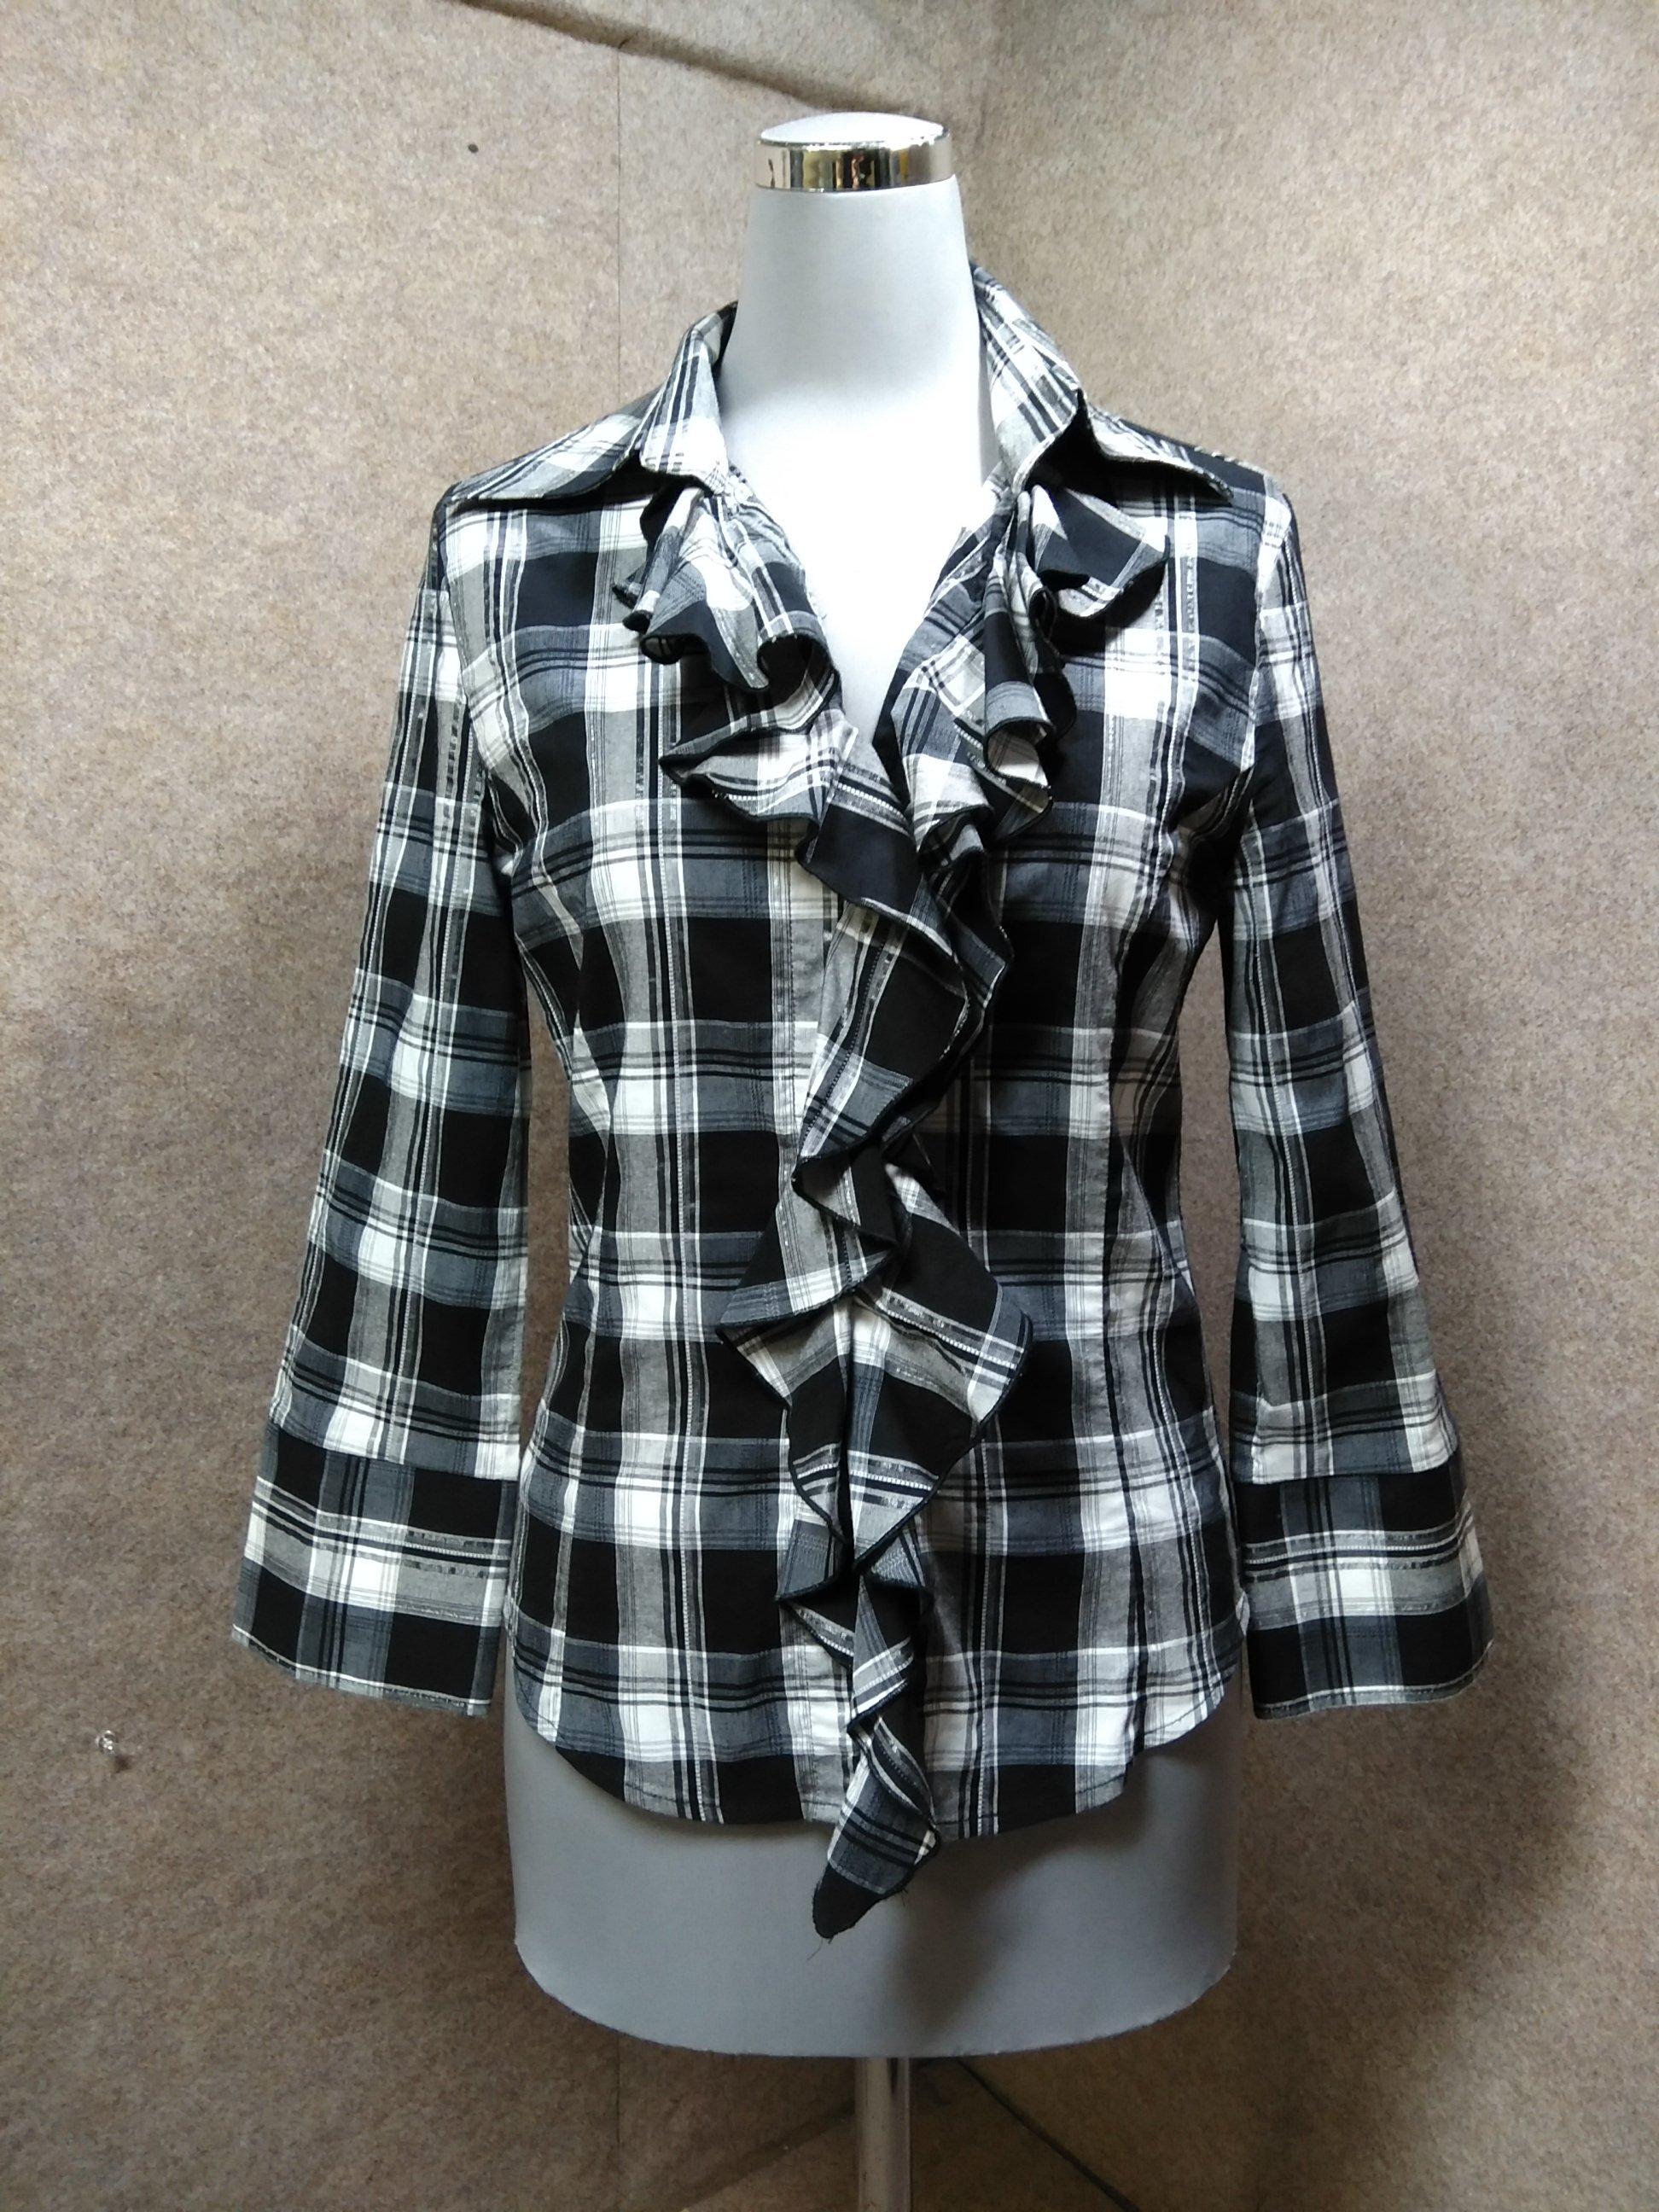 ナラカミーチェ NARACAMICIE ブラウスシャツ M0 mh936e